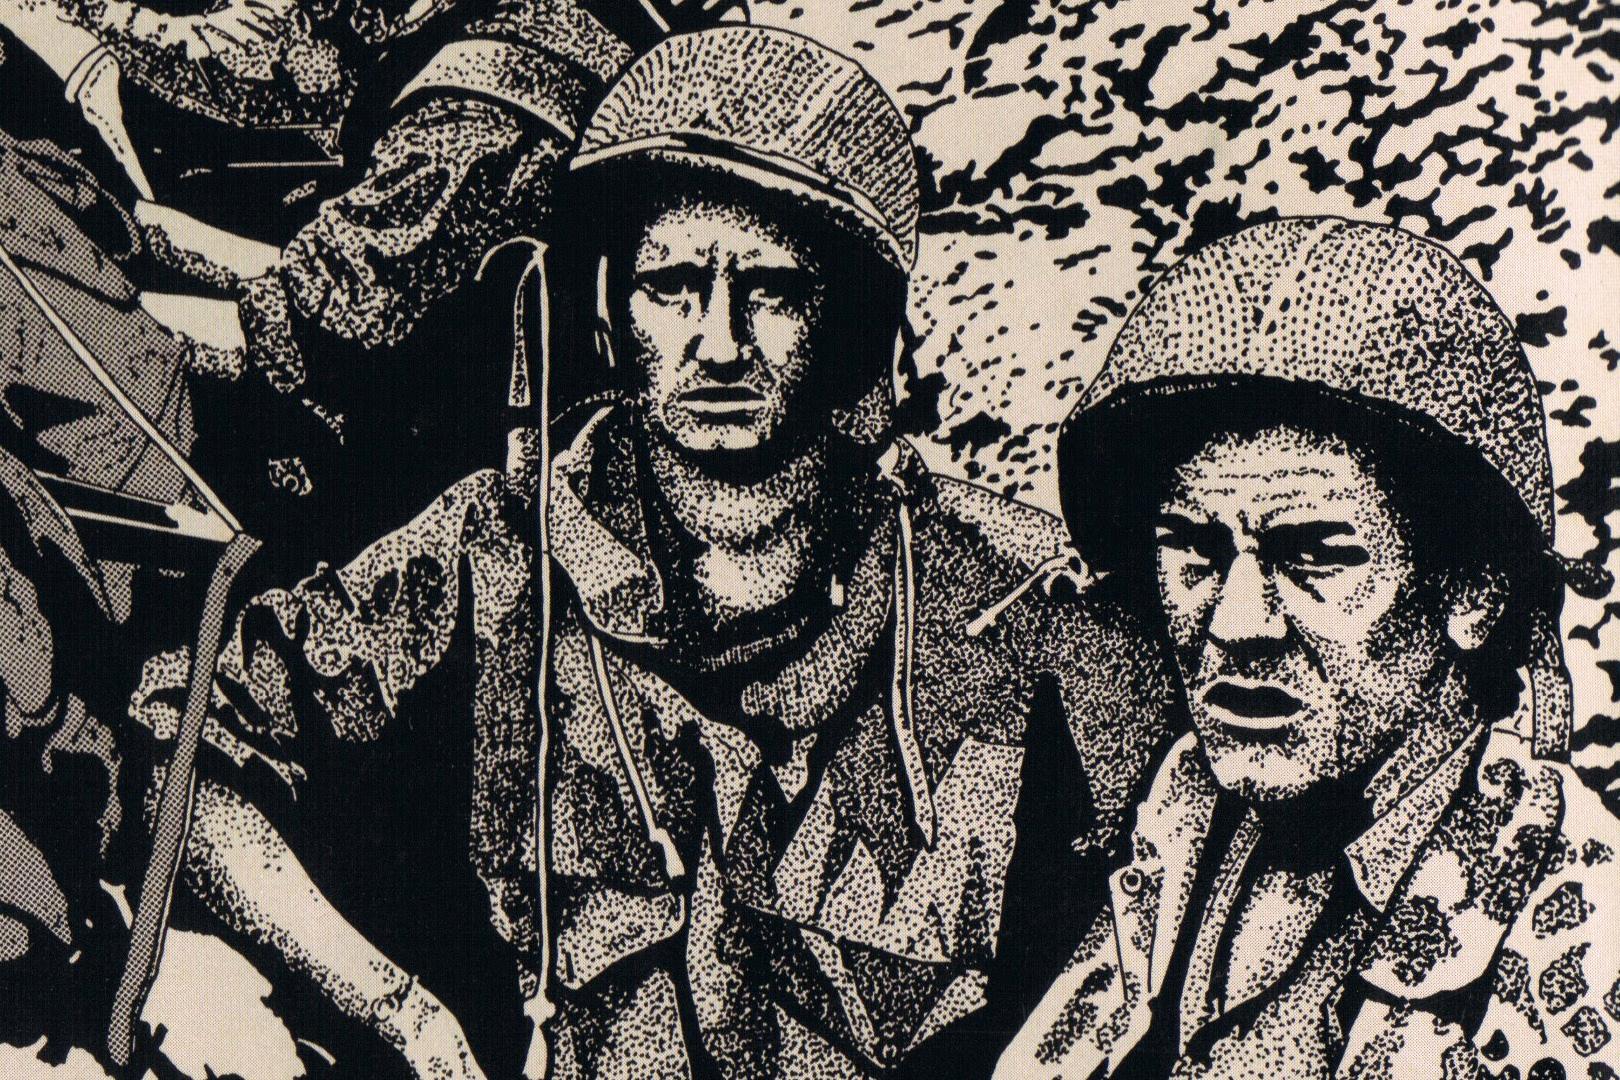 Cơn ác mộng của người Pháp ở Điện Biên Phủ